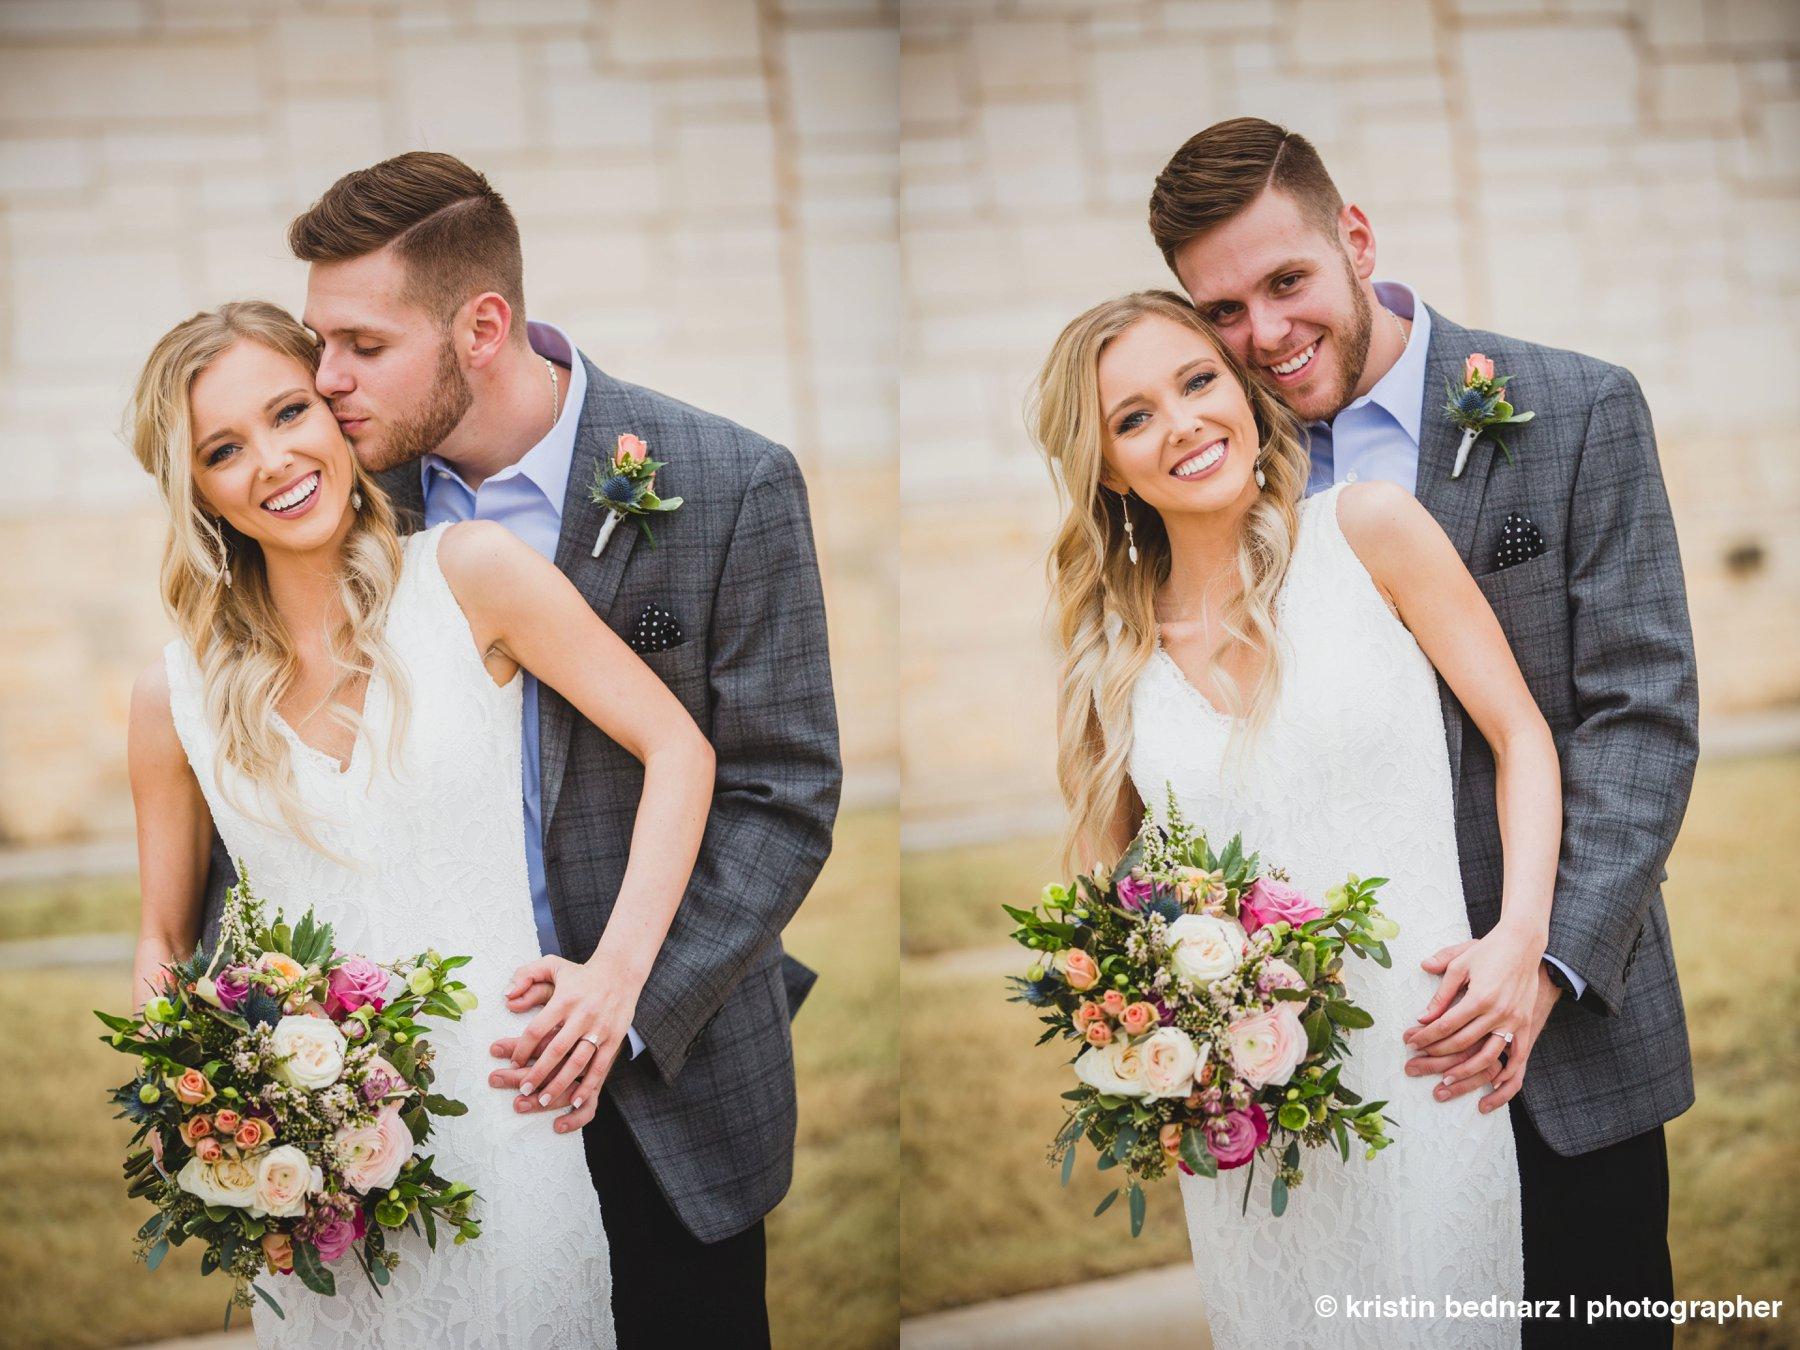 kristin_bednarz_wedding_photographer_20190214_00069sneak_peek.JPG